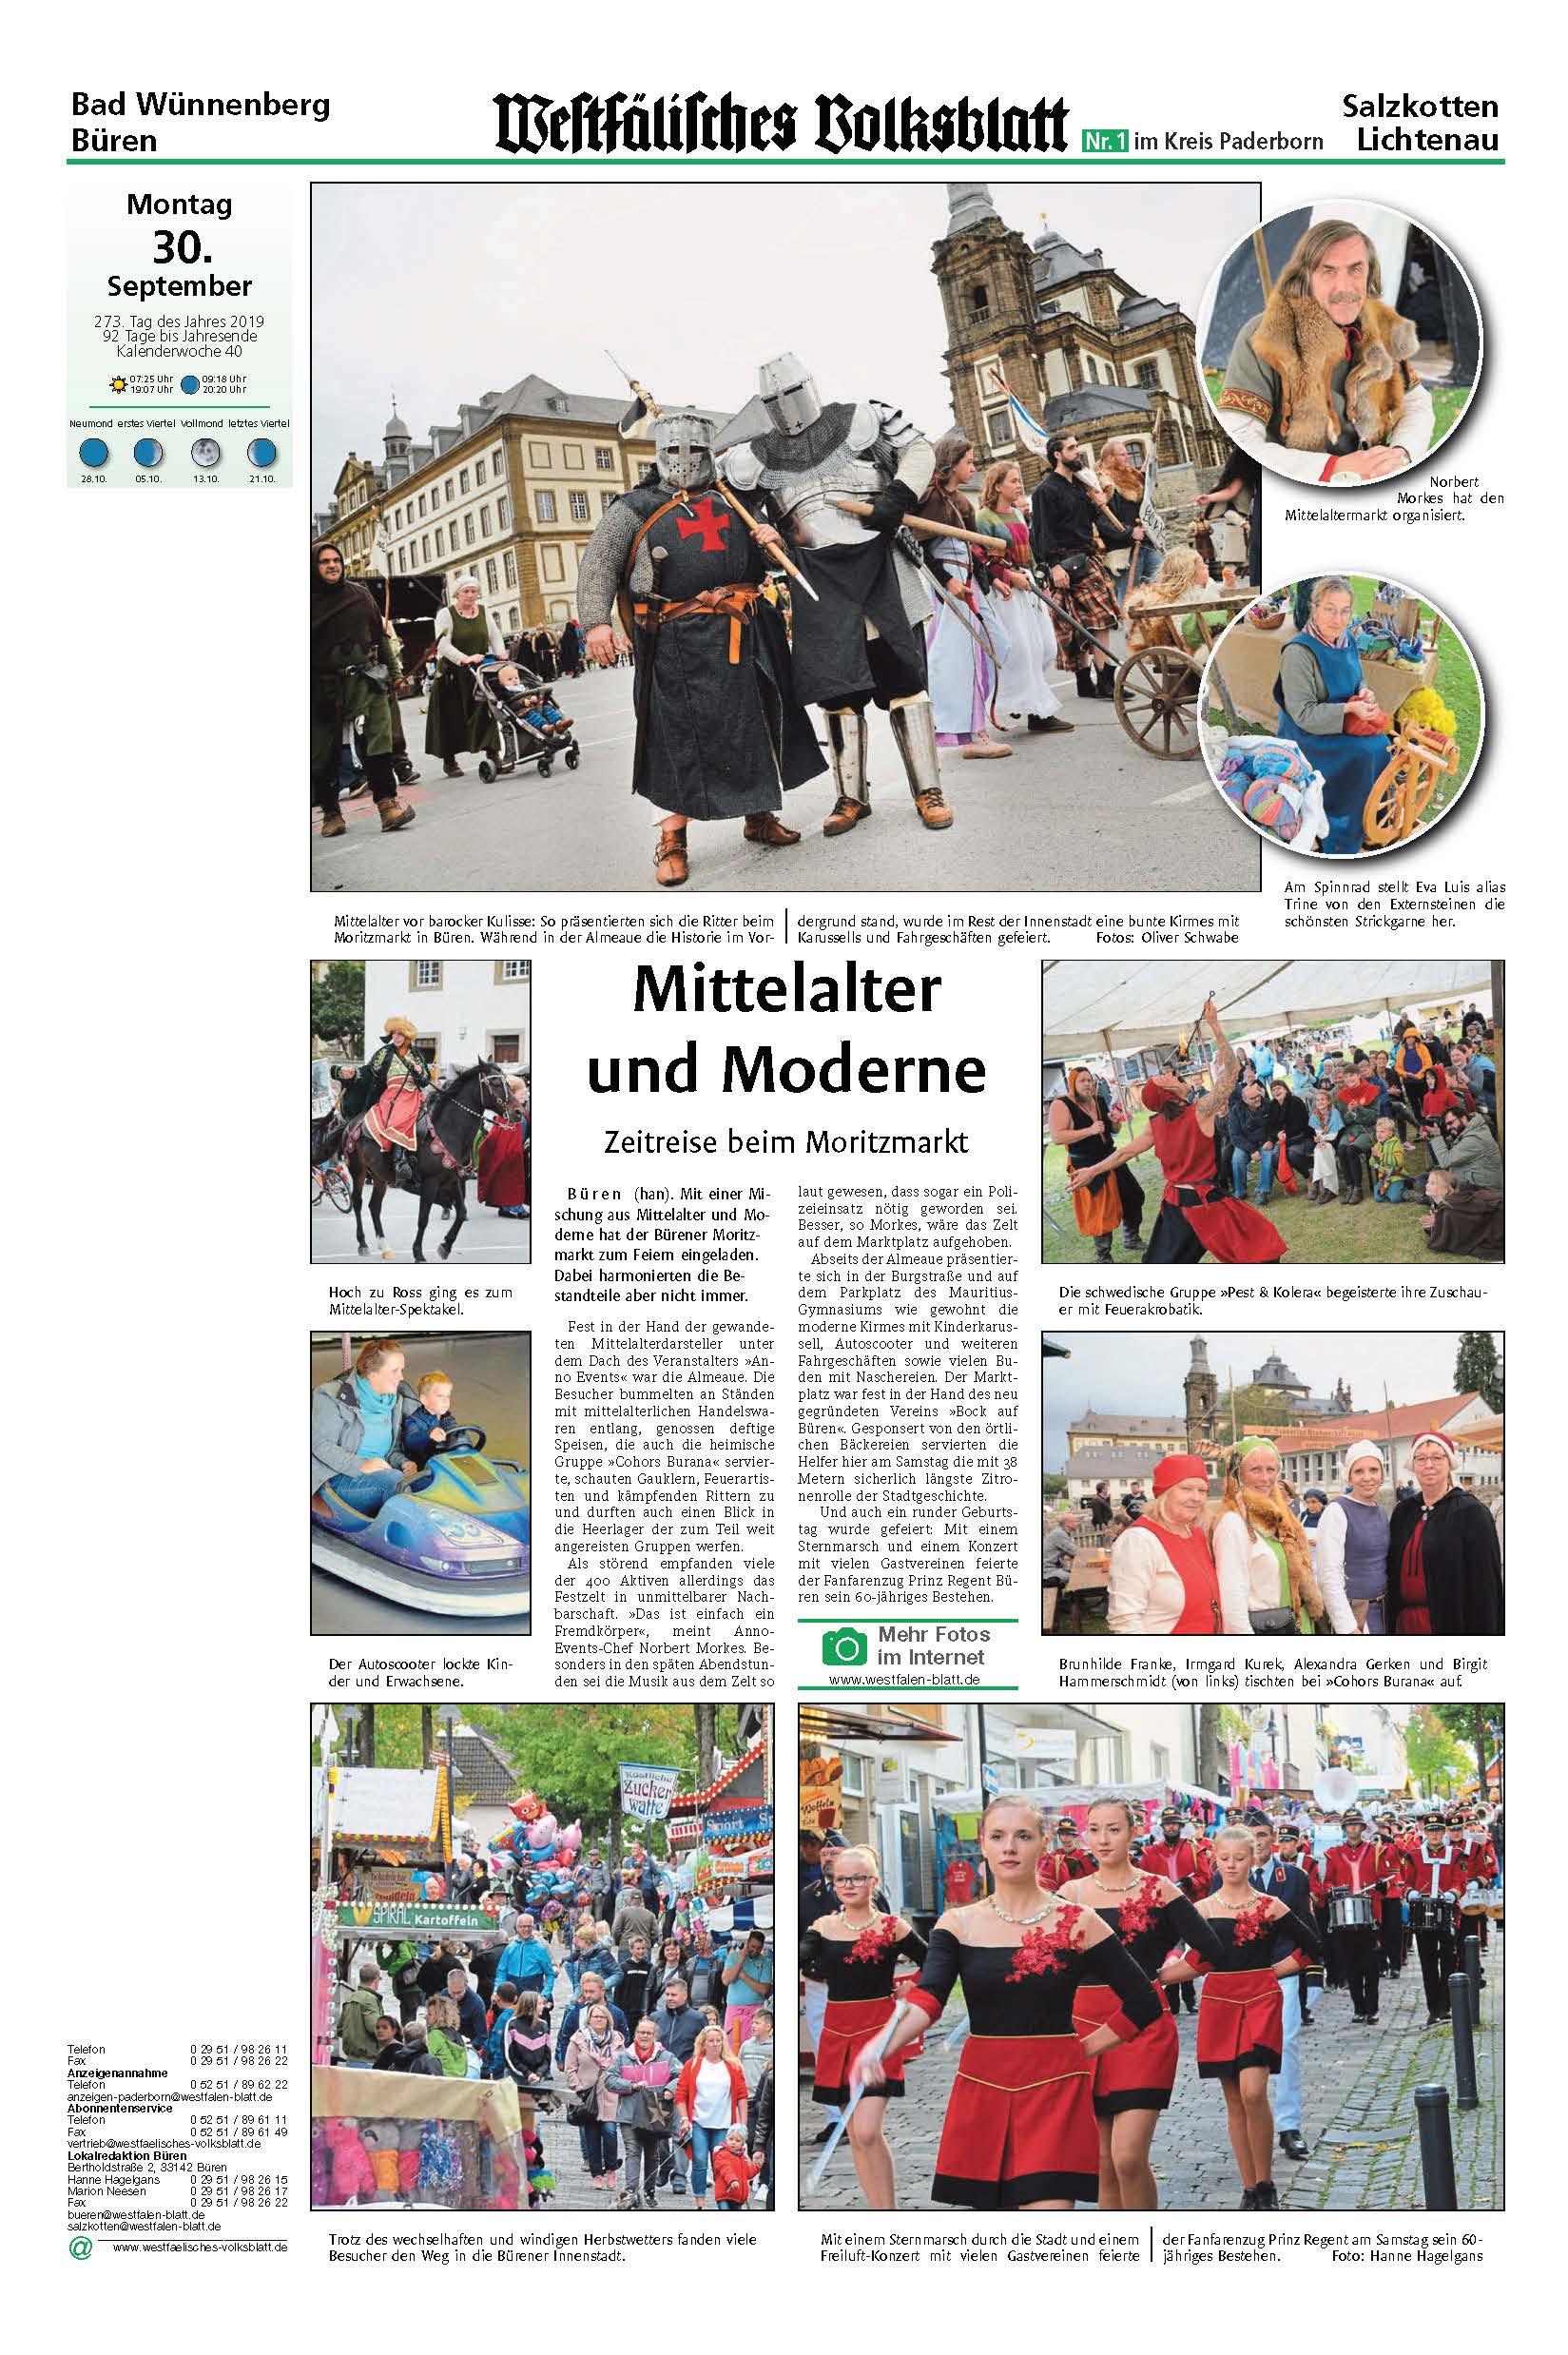 Das war ANNO 1195 auf dem Moritzmarkt zu Büren …